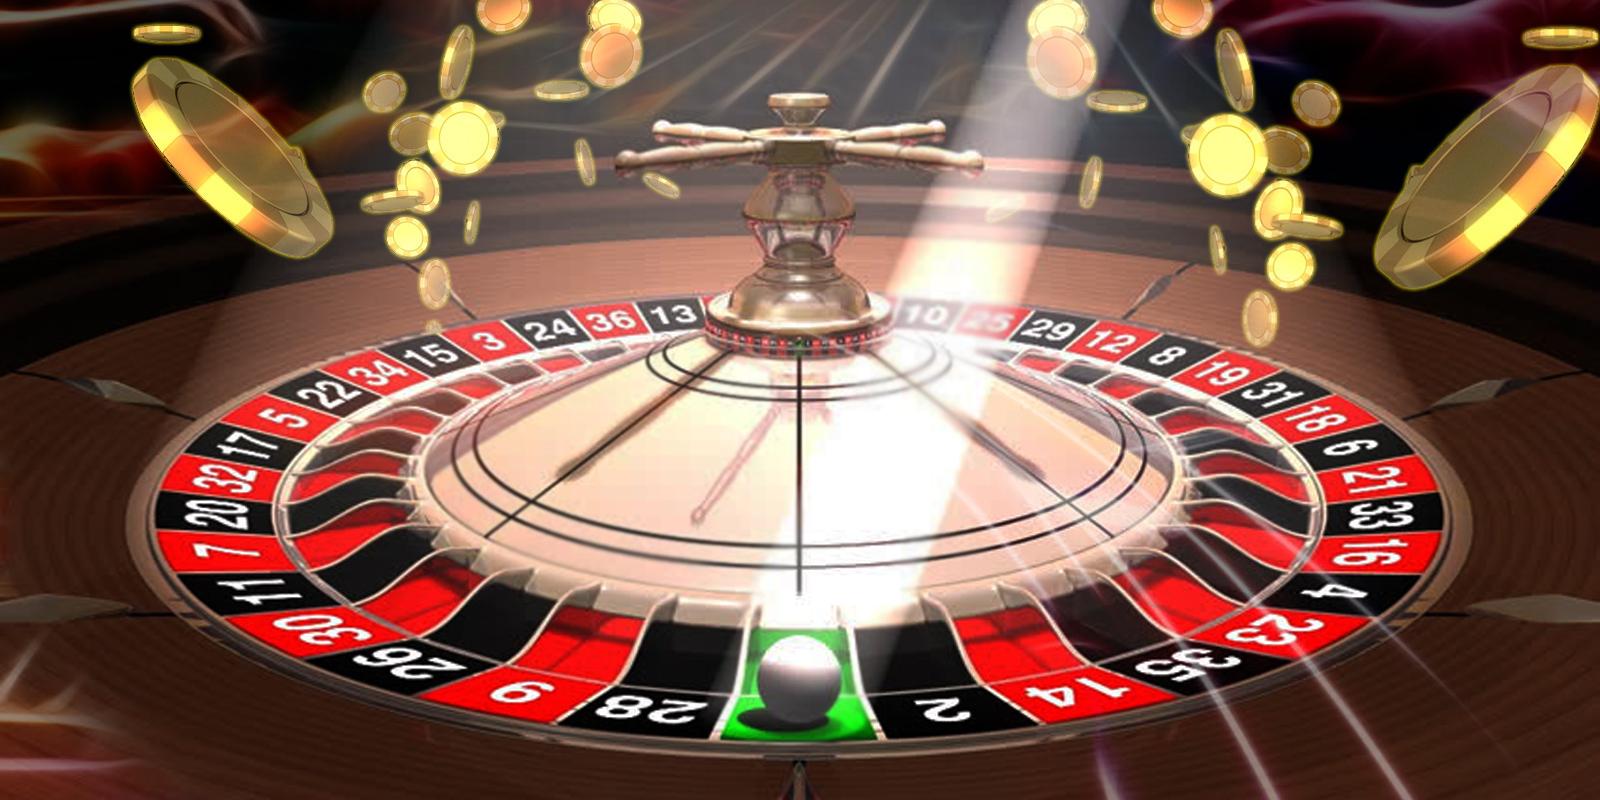 Casino Gratuit Sans Téléchargement : Comment Jouer Sans concernant Jeux Gratuits Sans Téléchargement Et Sans Inscription